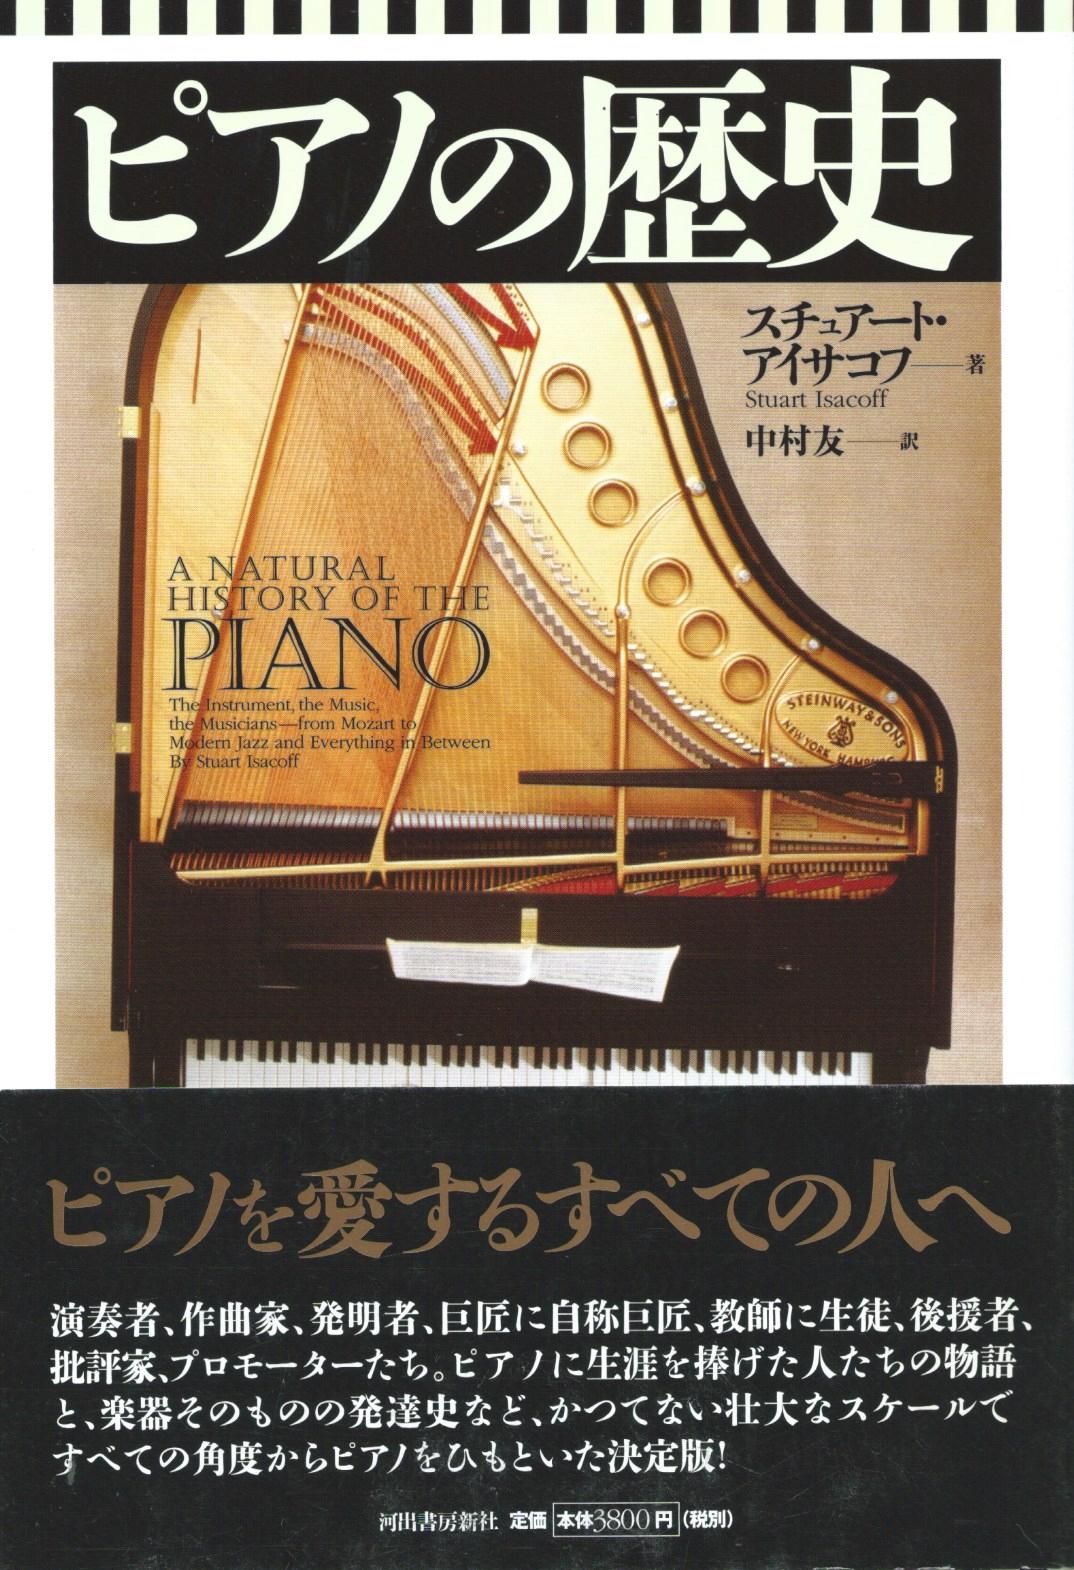 ピアノの歴史[バーゲンブック]